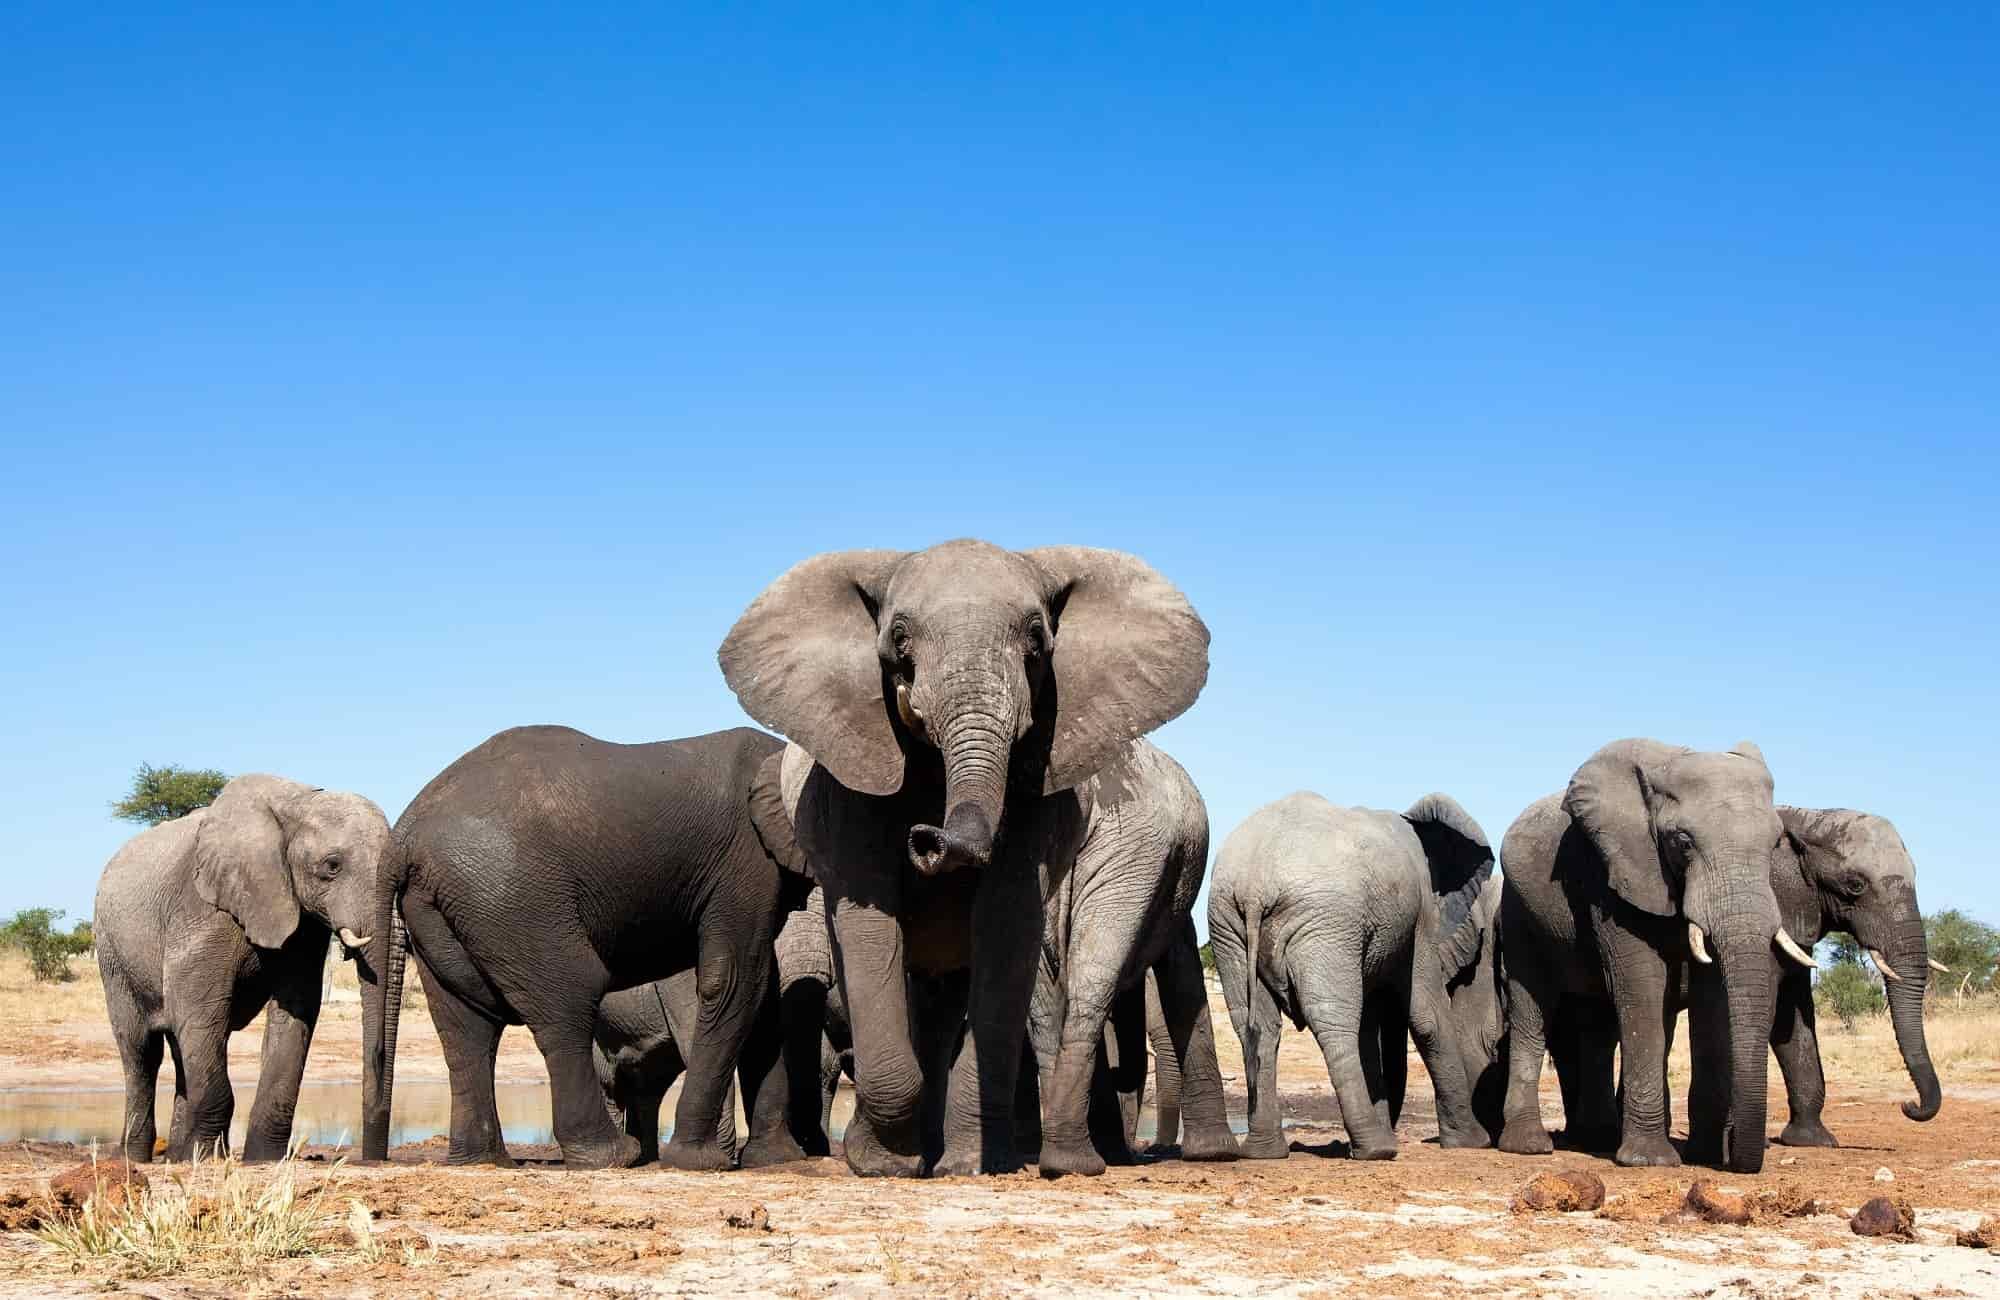 Voyage Zimbabwe - Elephants - Amplitudes